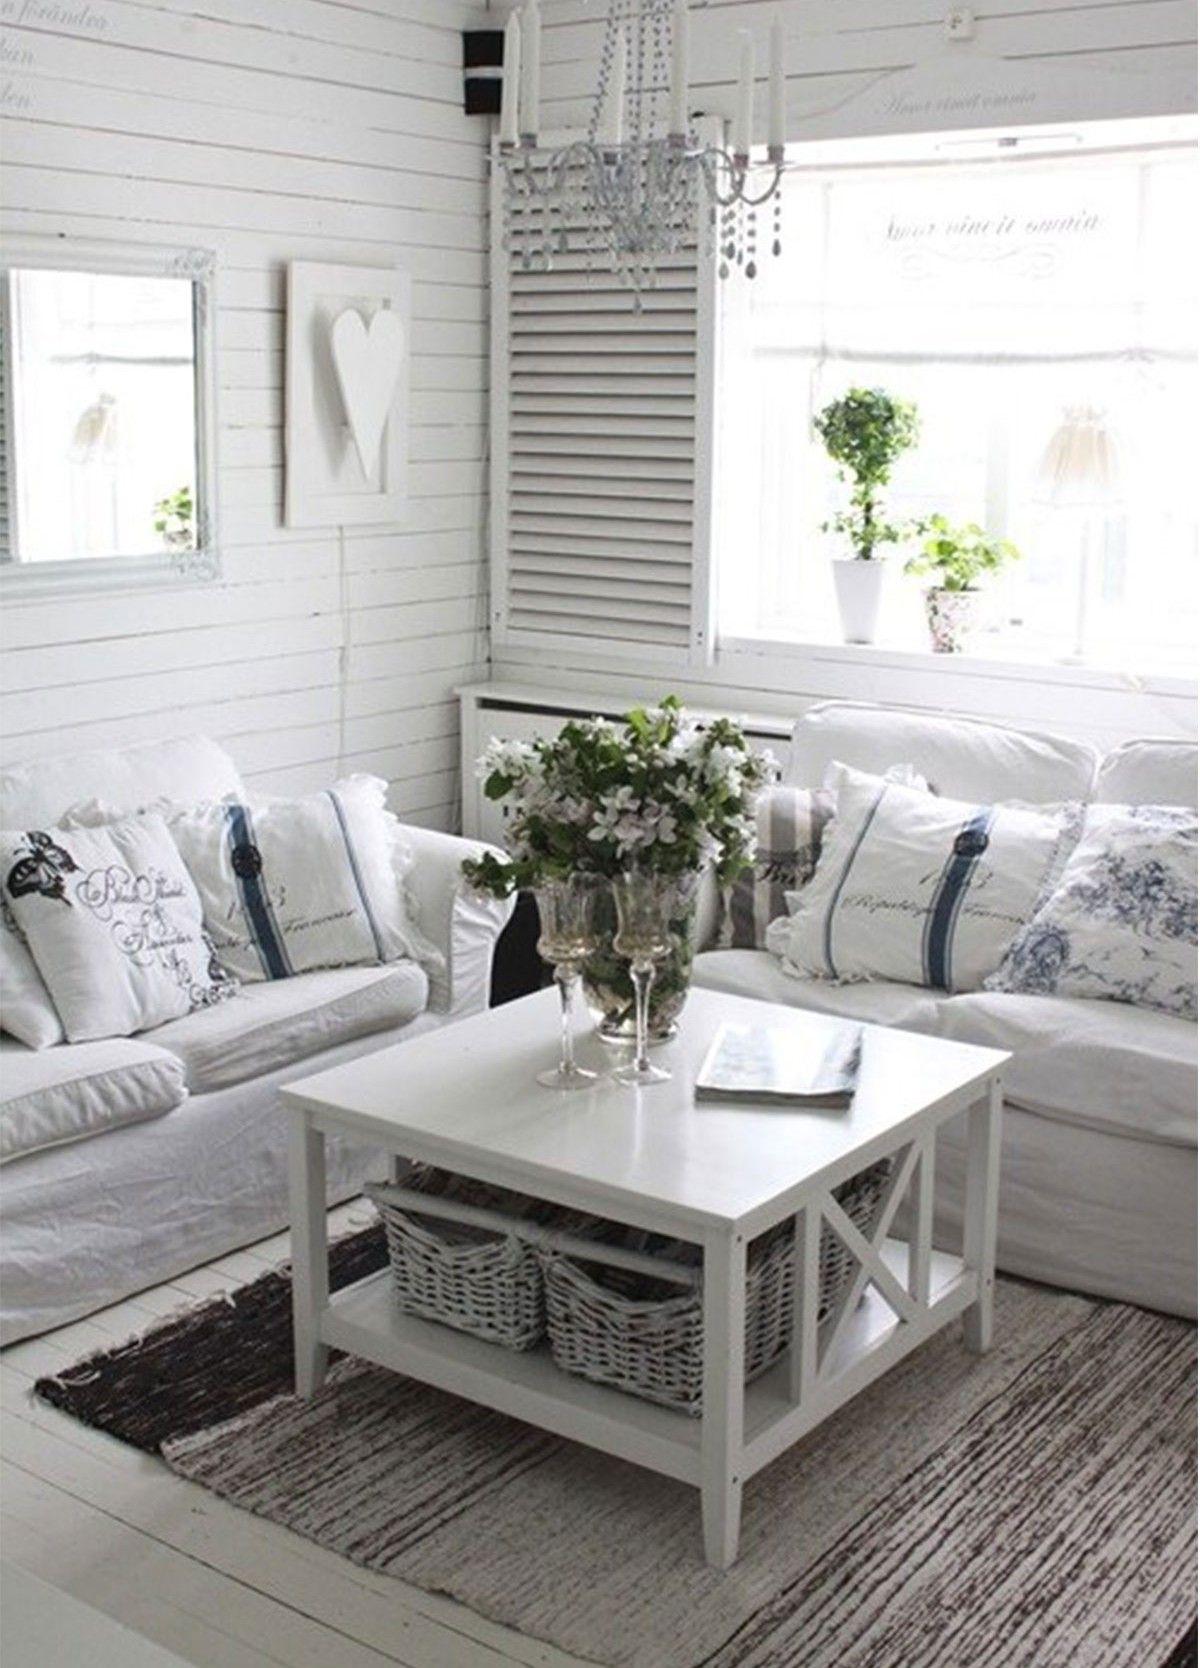 Pin von Hot Style Design auf Living Room | Pinterest